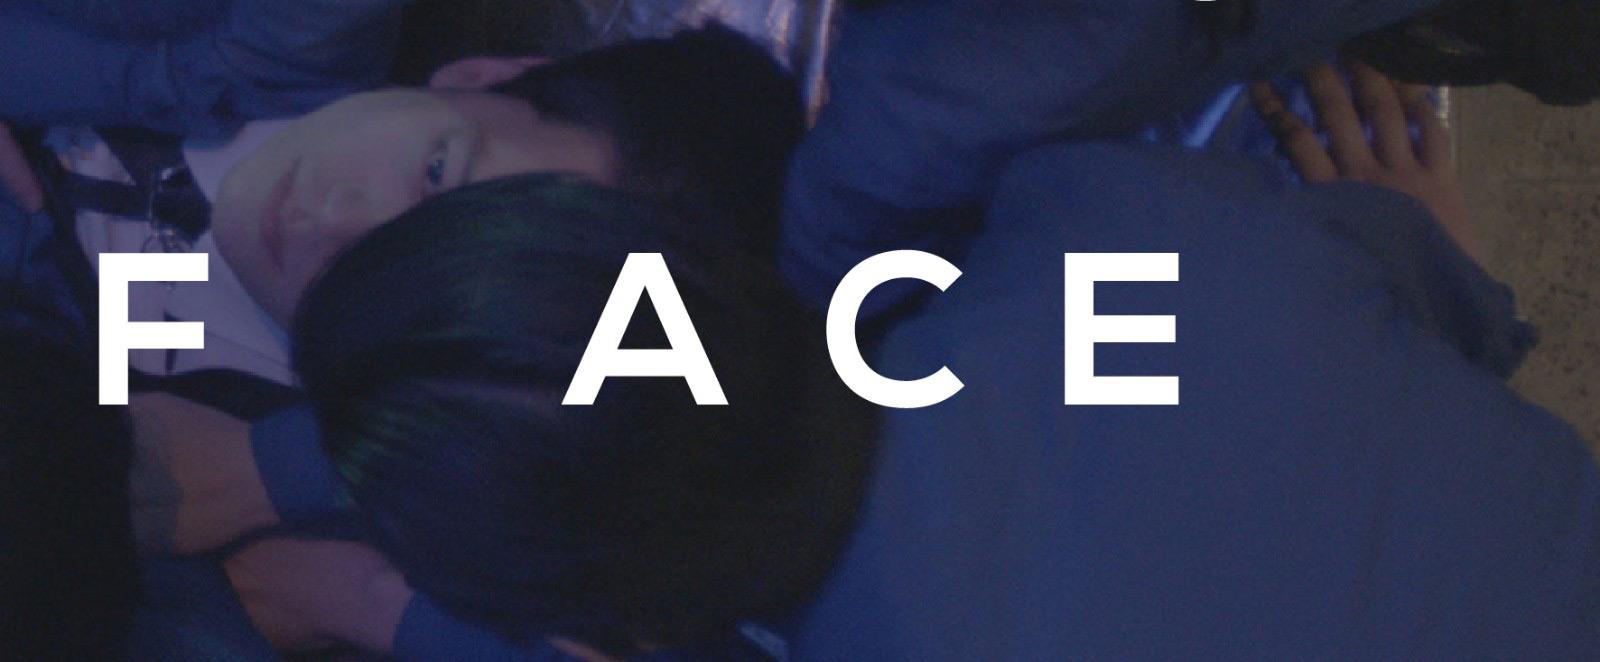 大波浪最新专辑《蓝色的脸》上线